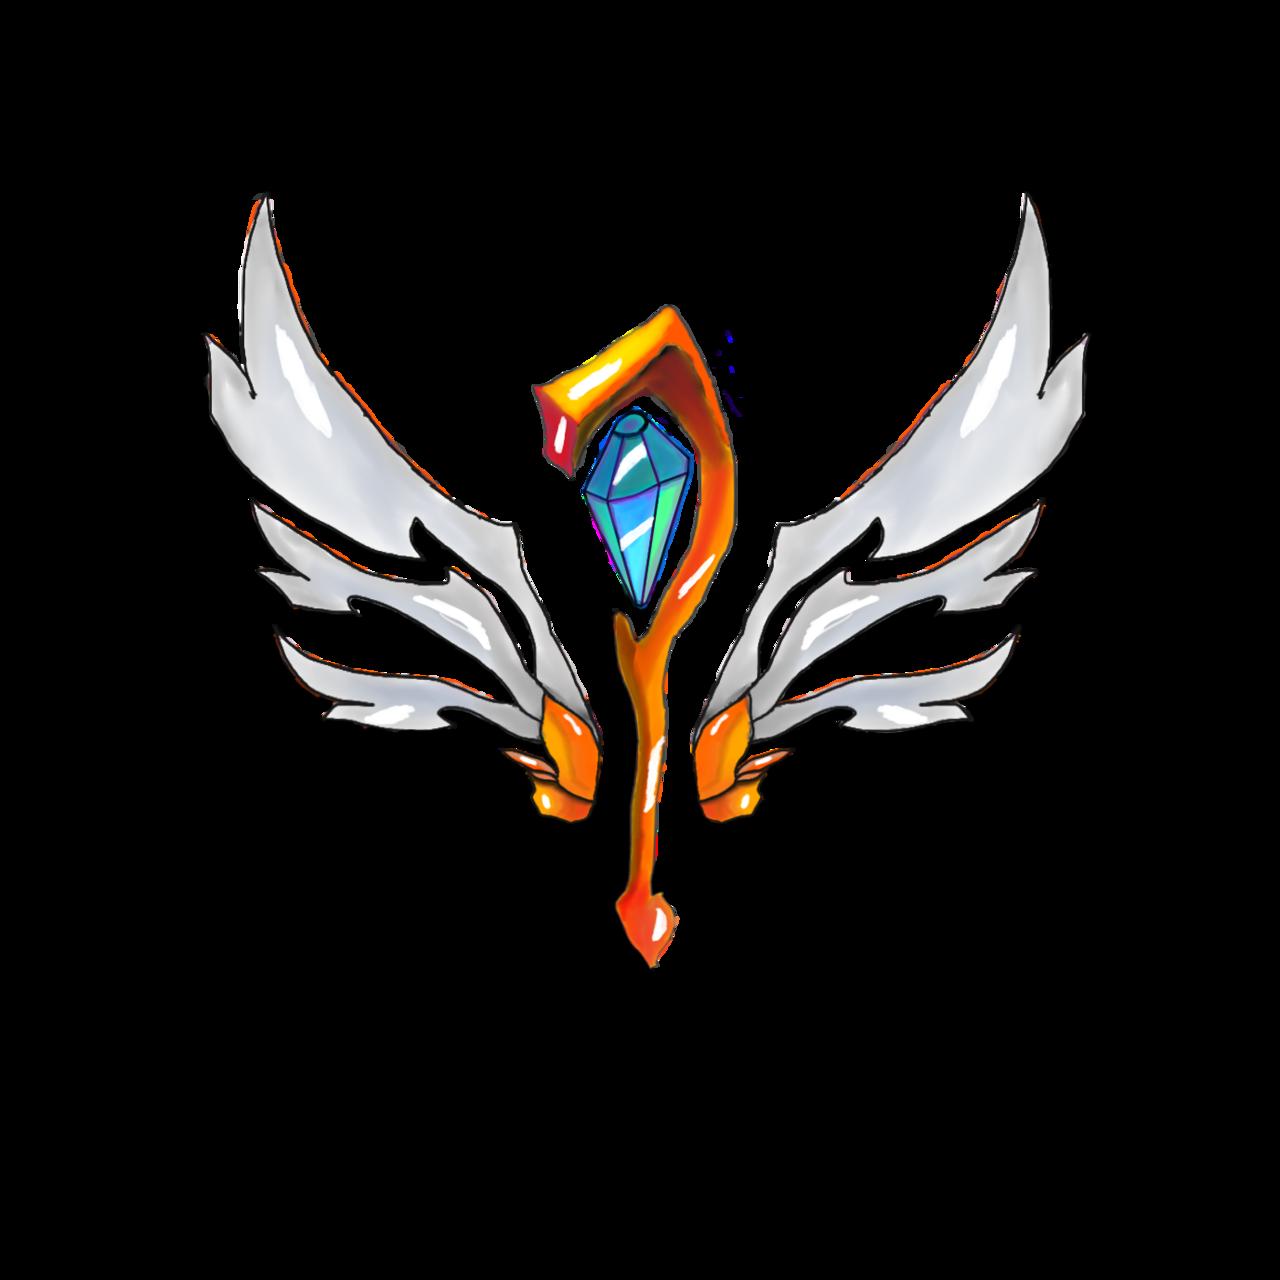 Kaz Logos Png - ClipArt Best